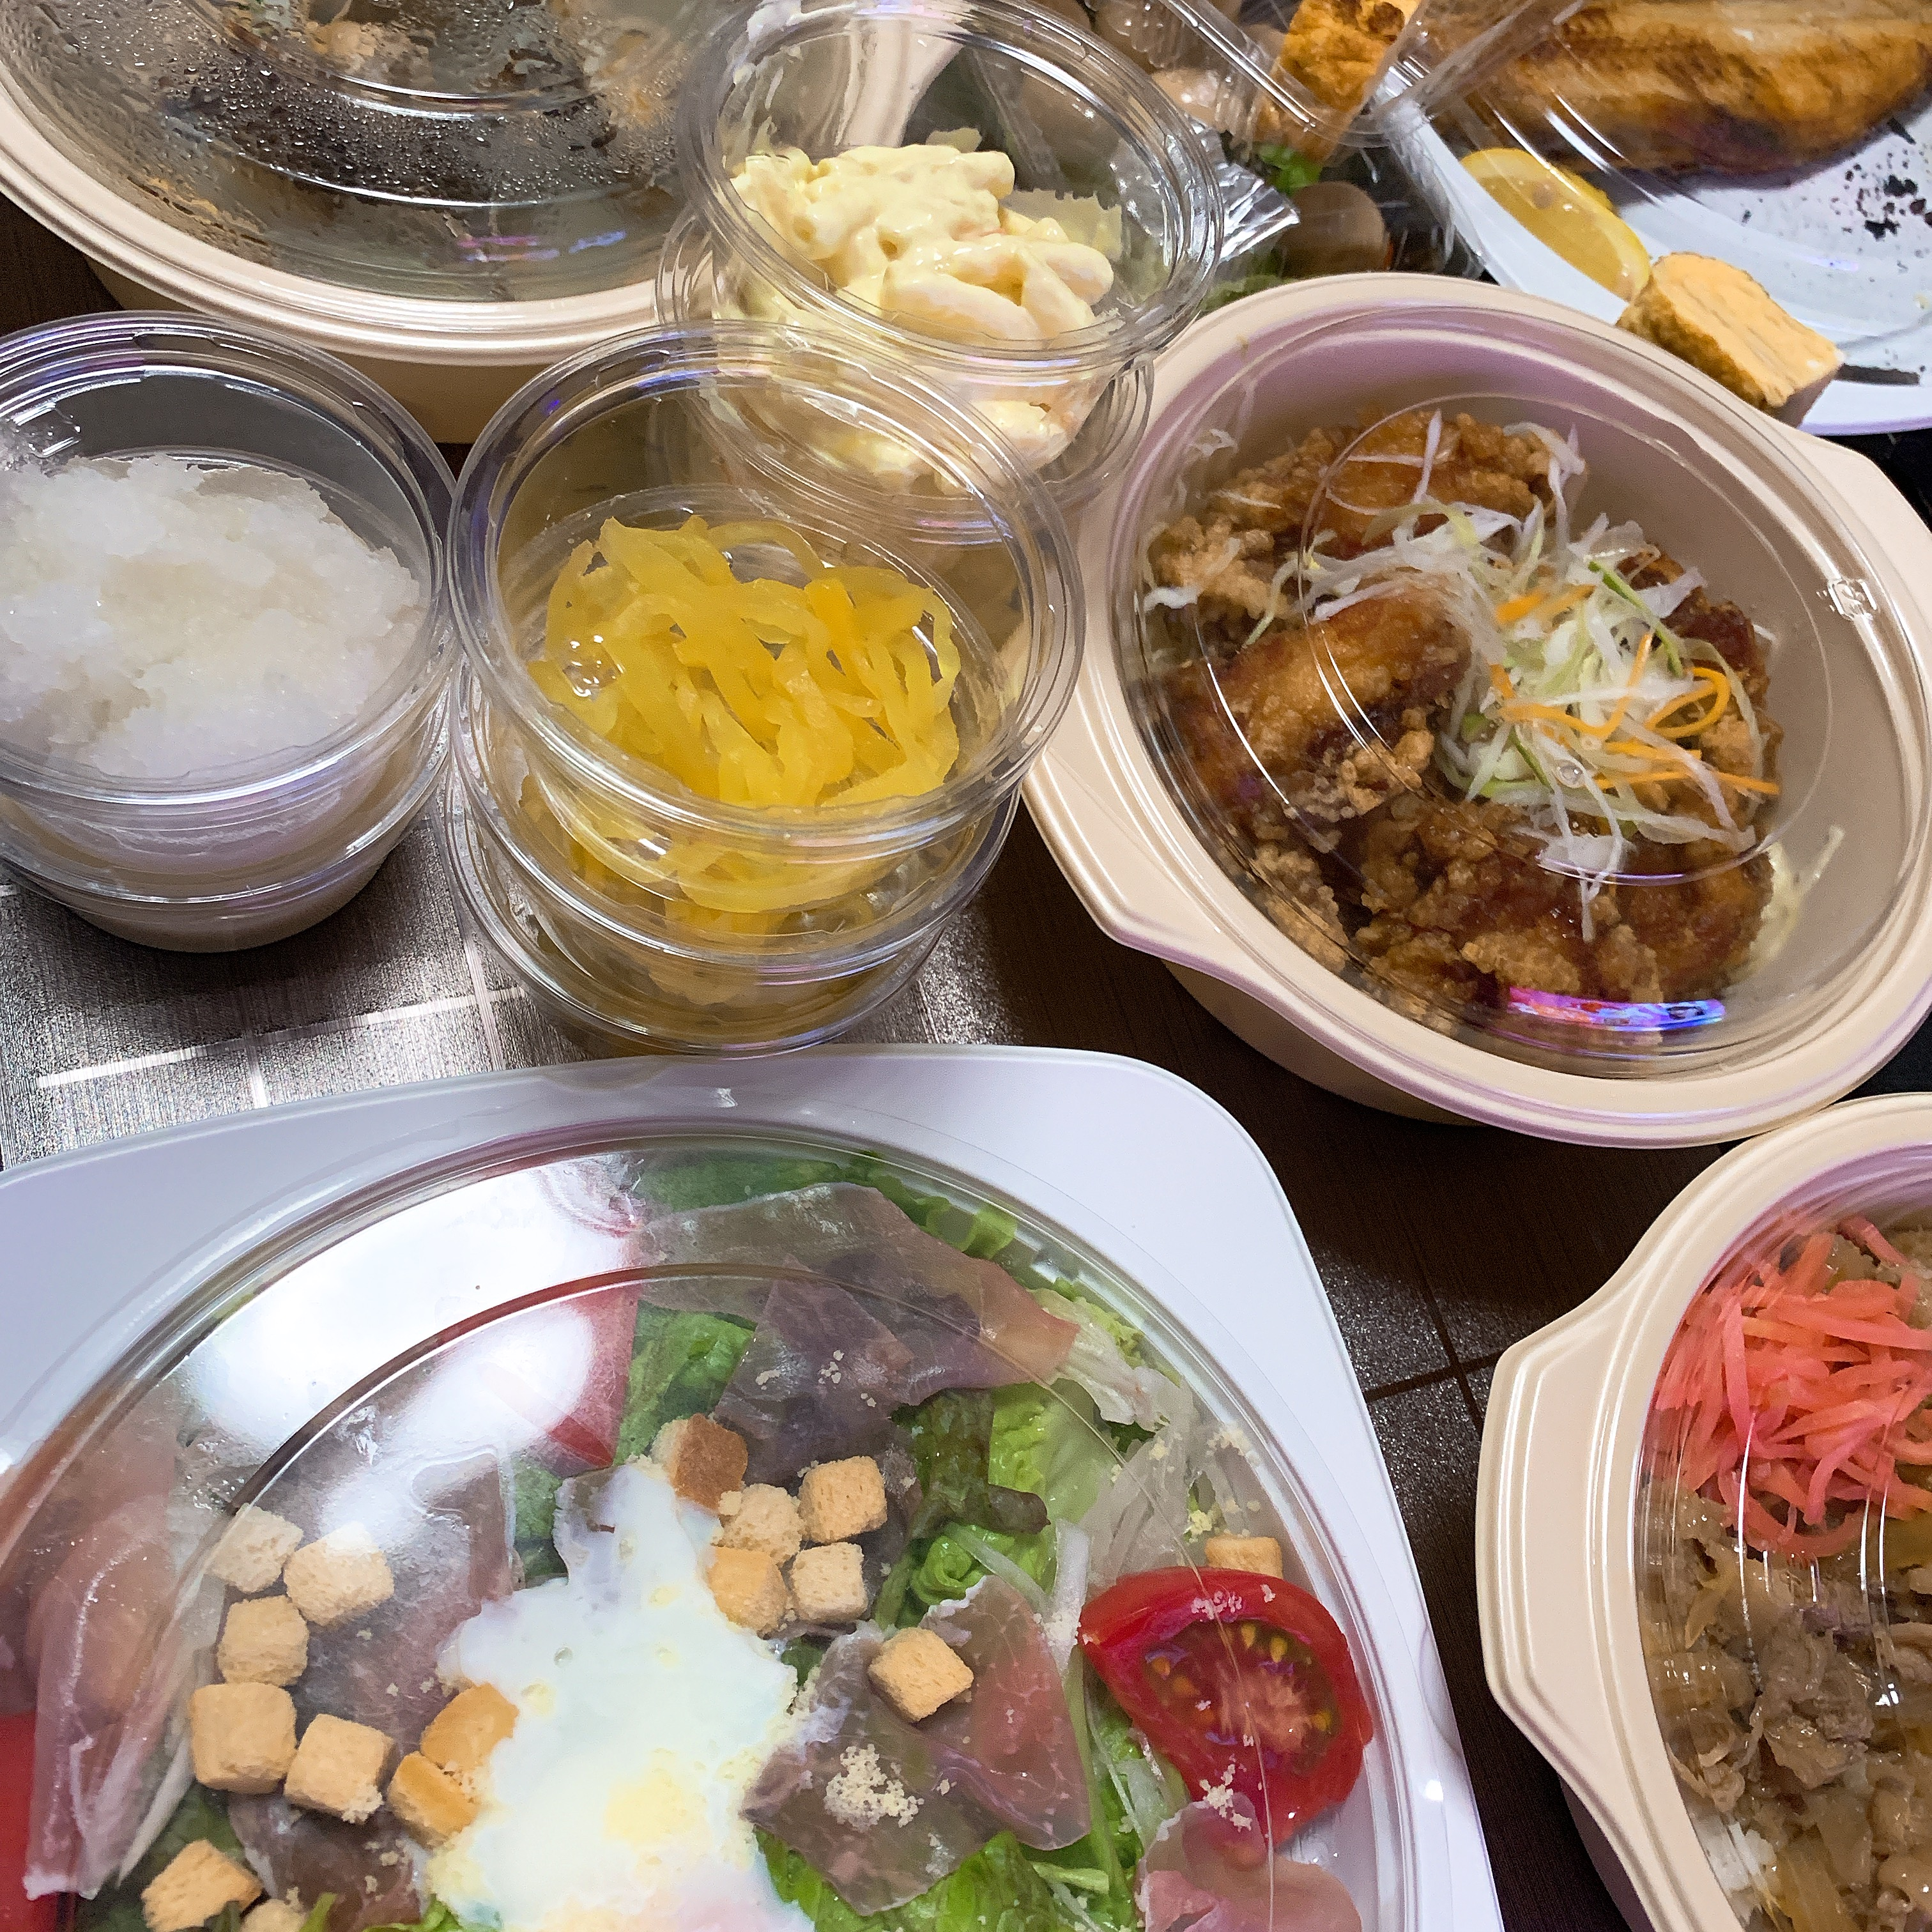 【宅配】あじと/居酒屋メニュー(ほっけ、出汁巻き玉子、あさりバター)をお家で食べたいなら。